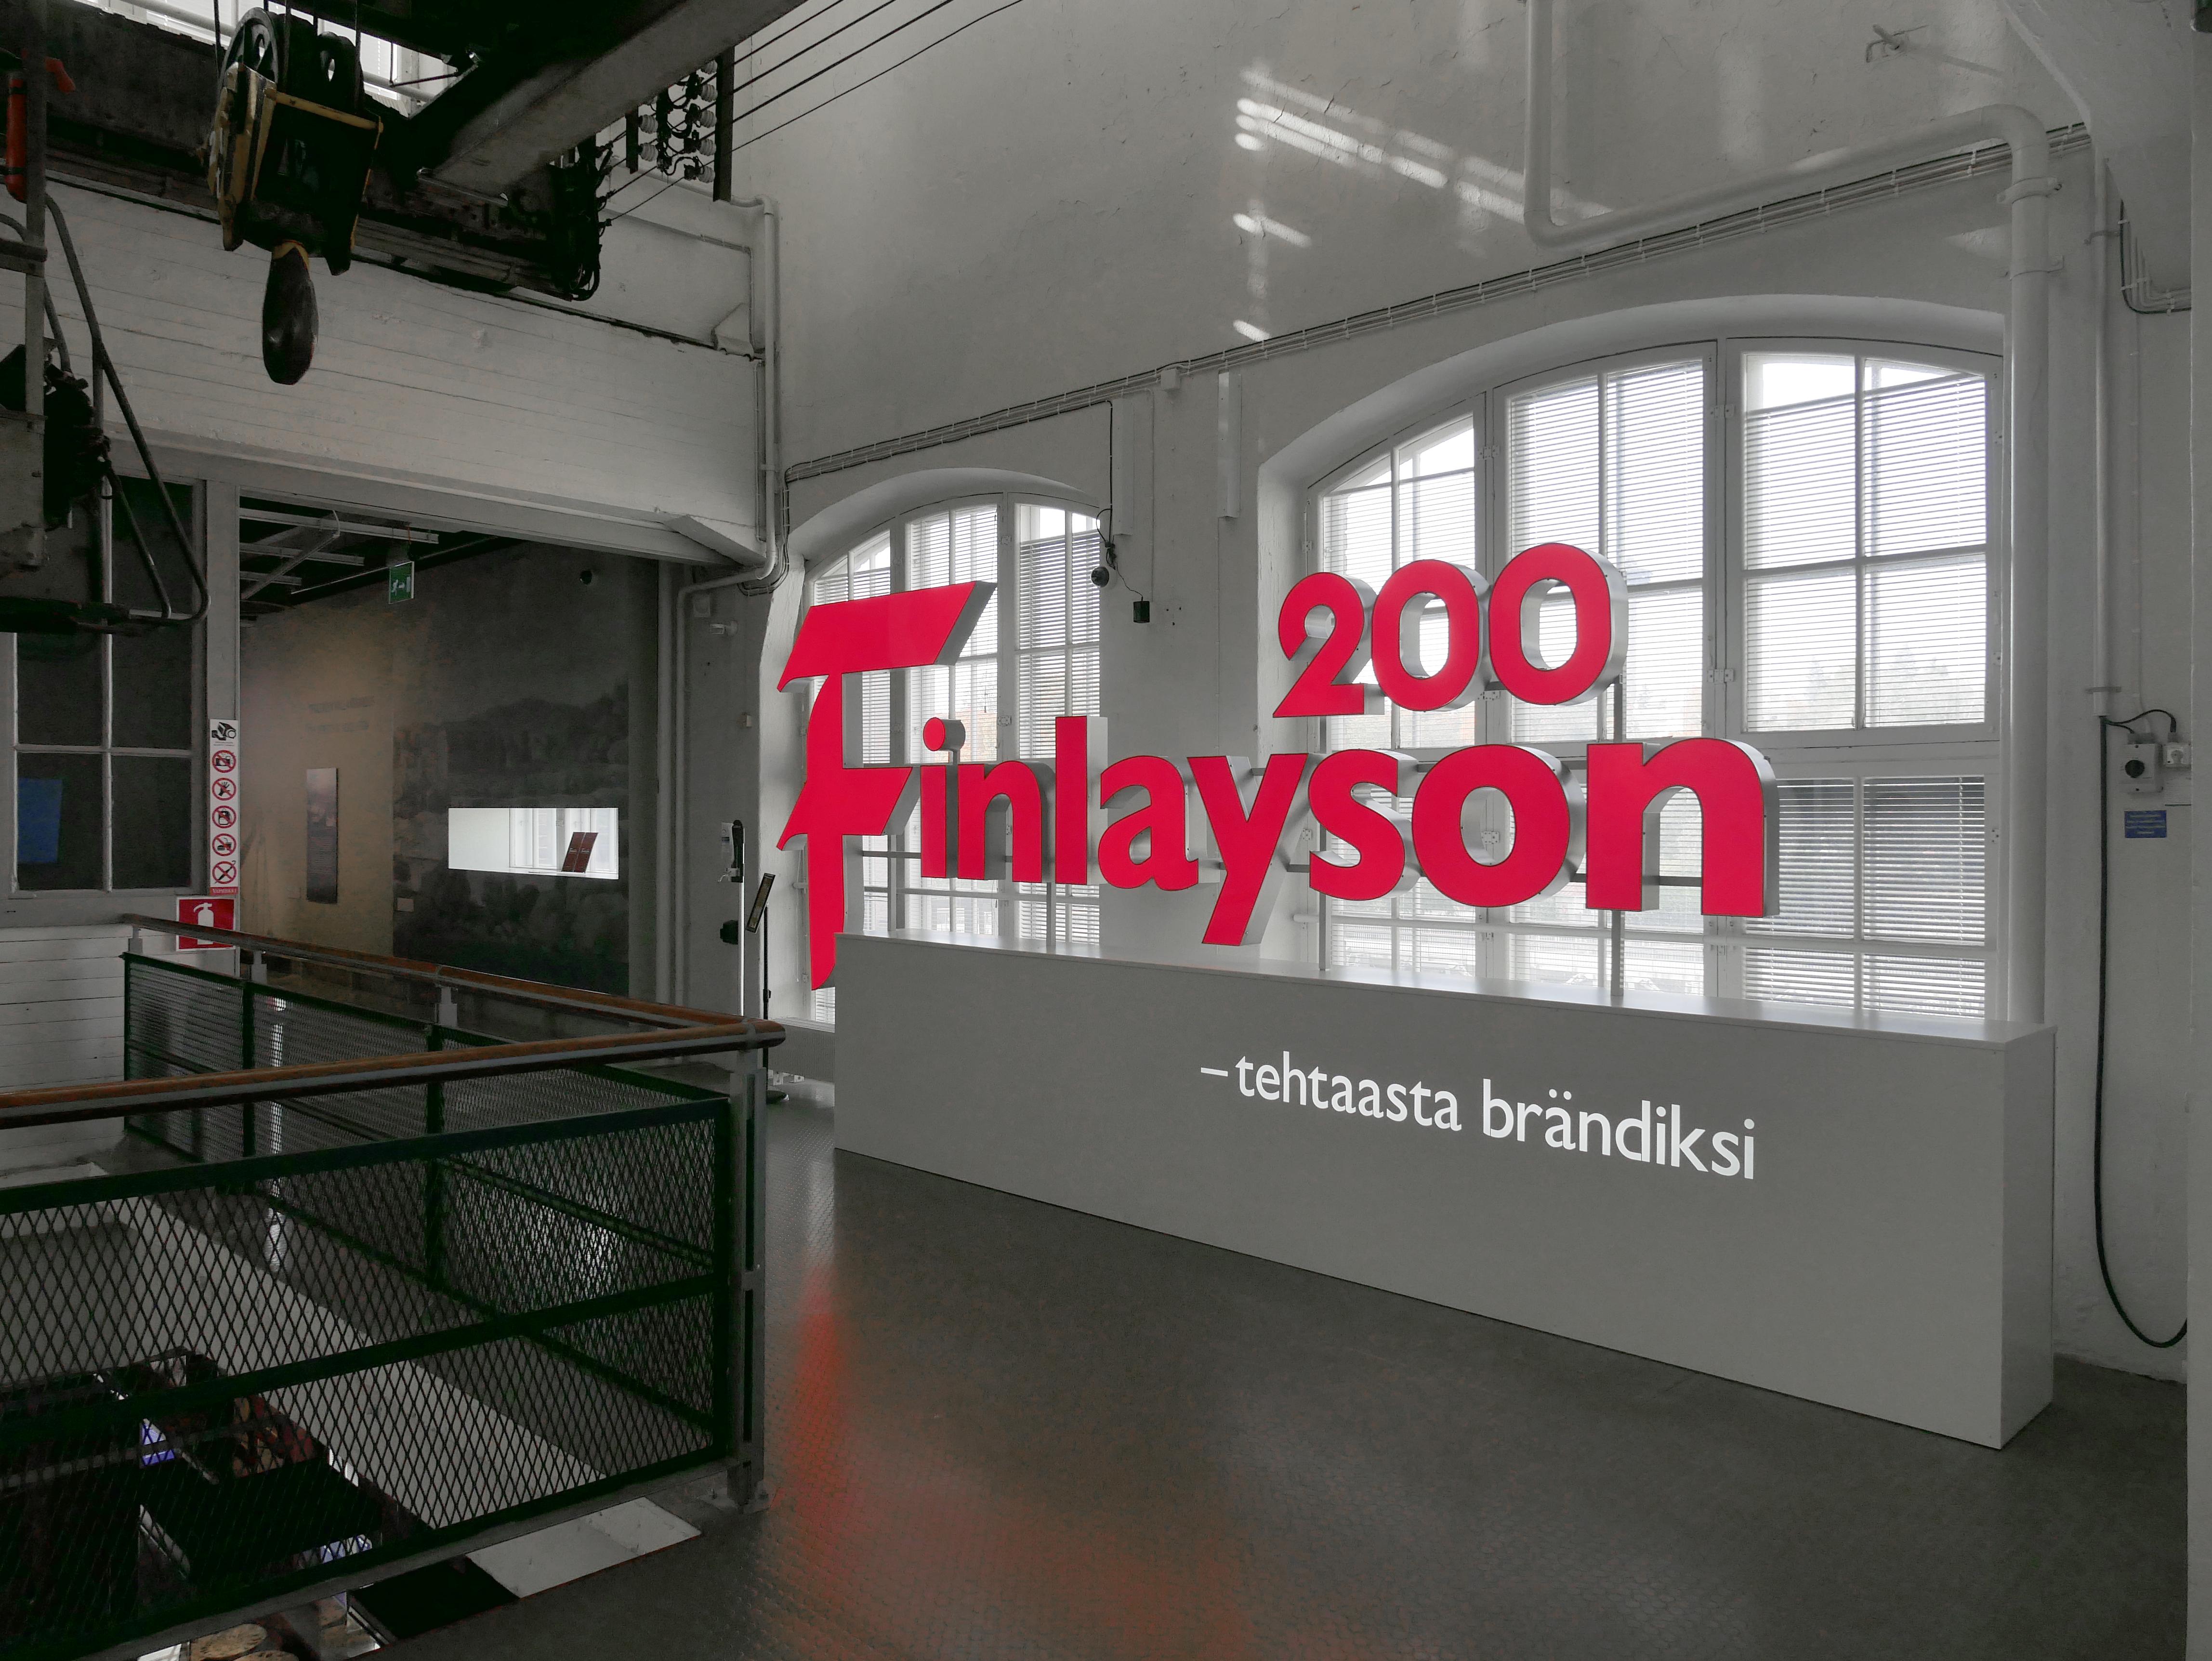 Finlayson 200 - tehtaasta brandiksi -nayttely, valomainos